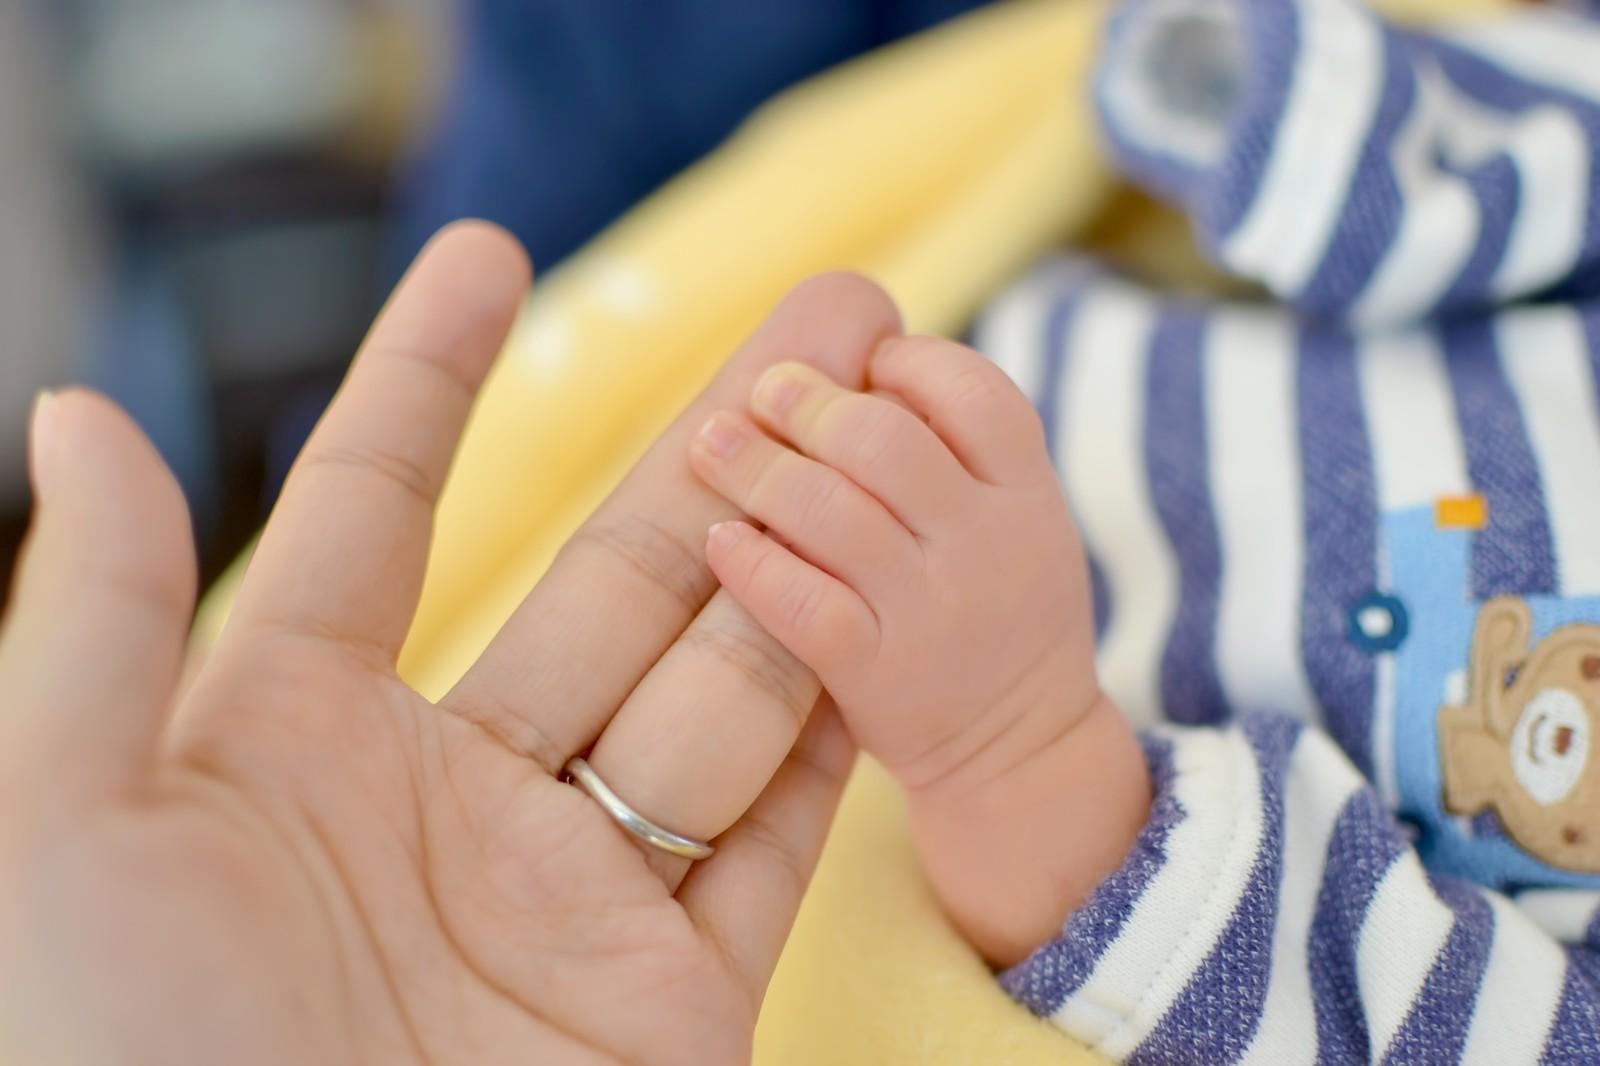 初めての赤ちゃんのお世話。新生児の育児ってどうやればいいの?のサムネイル画像